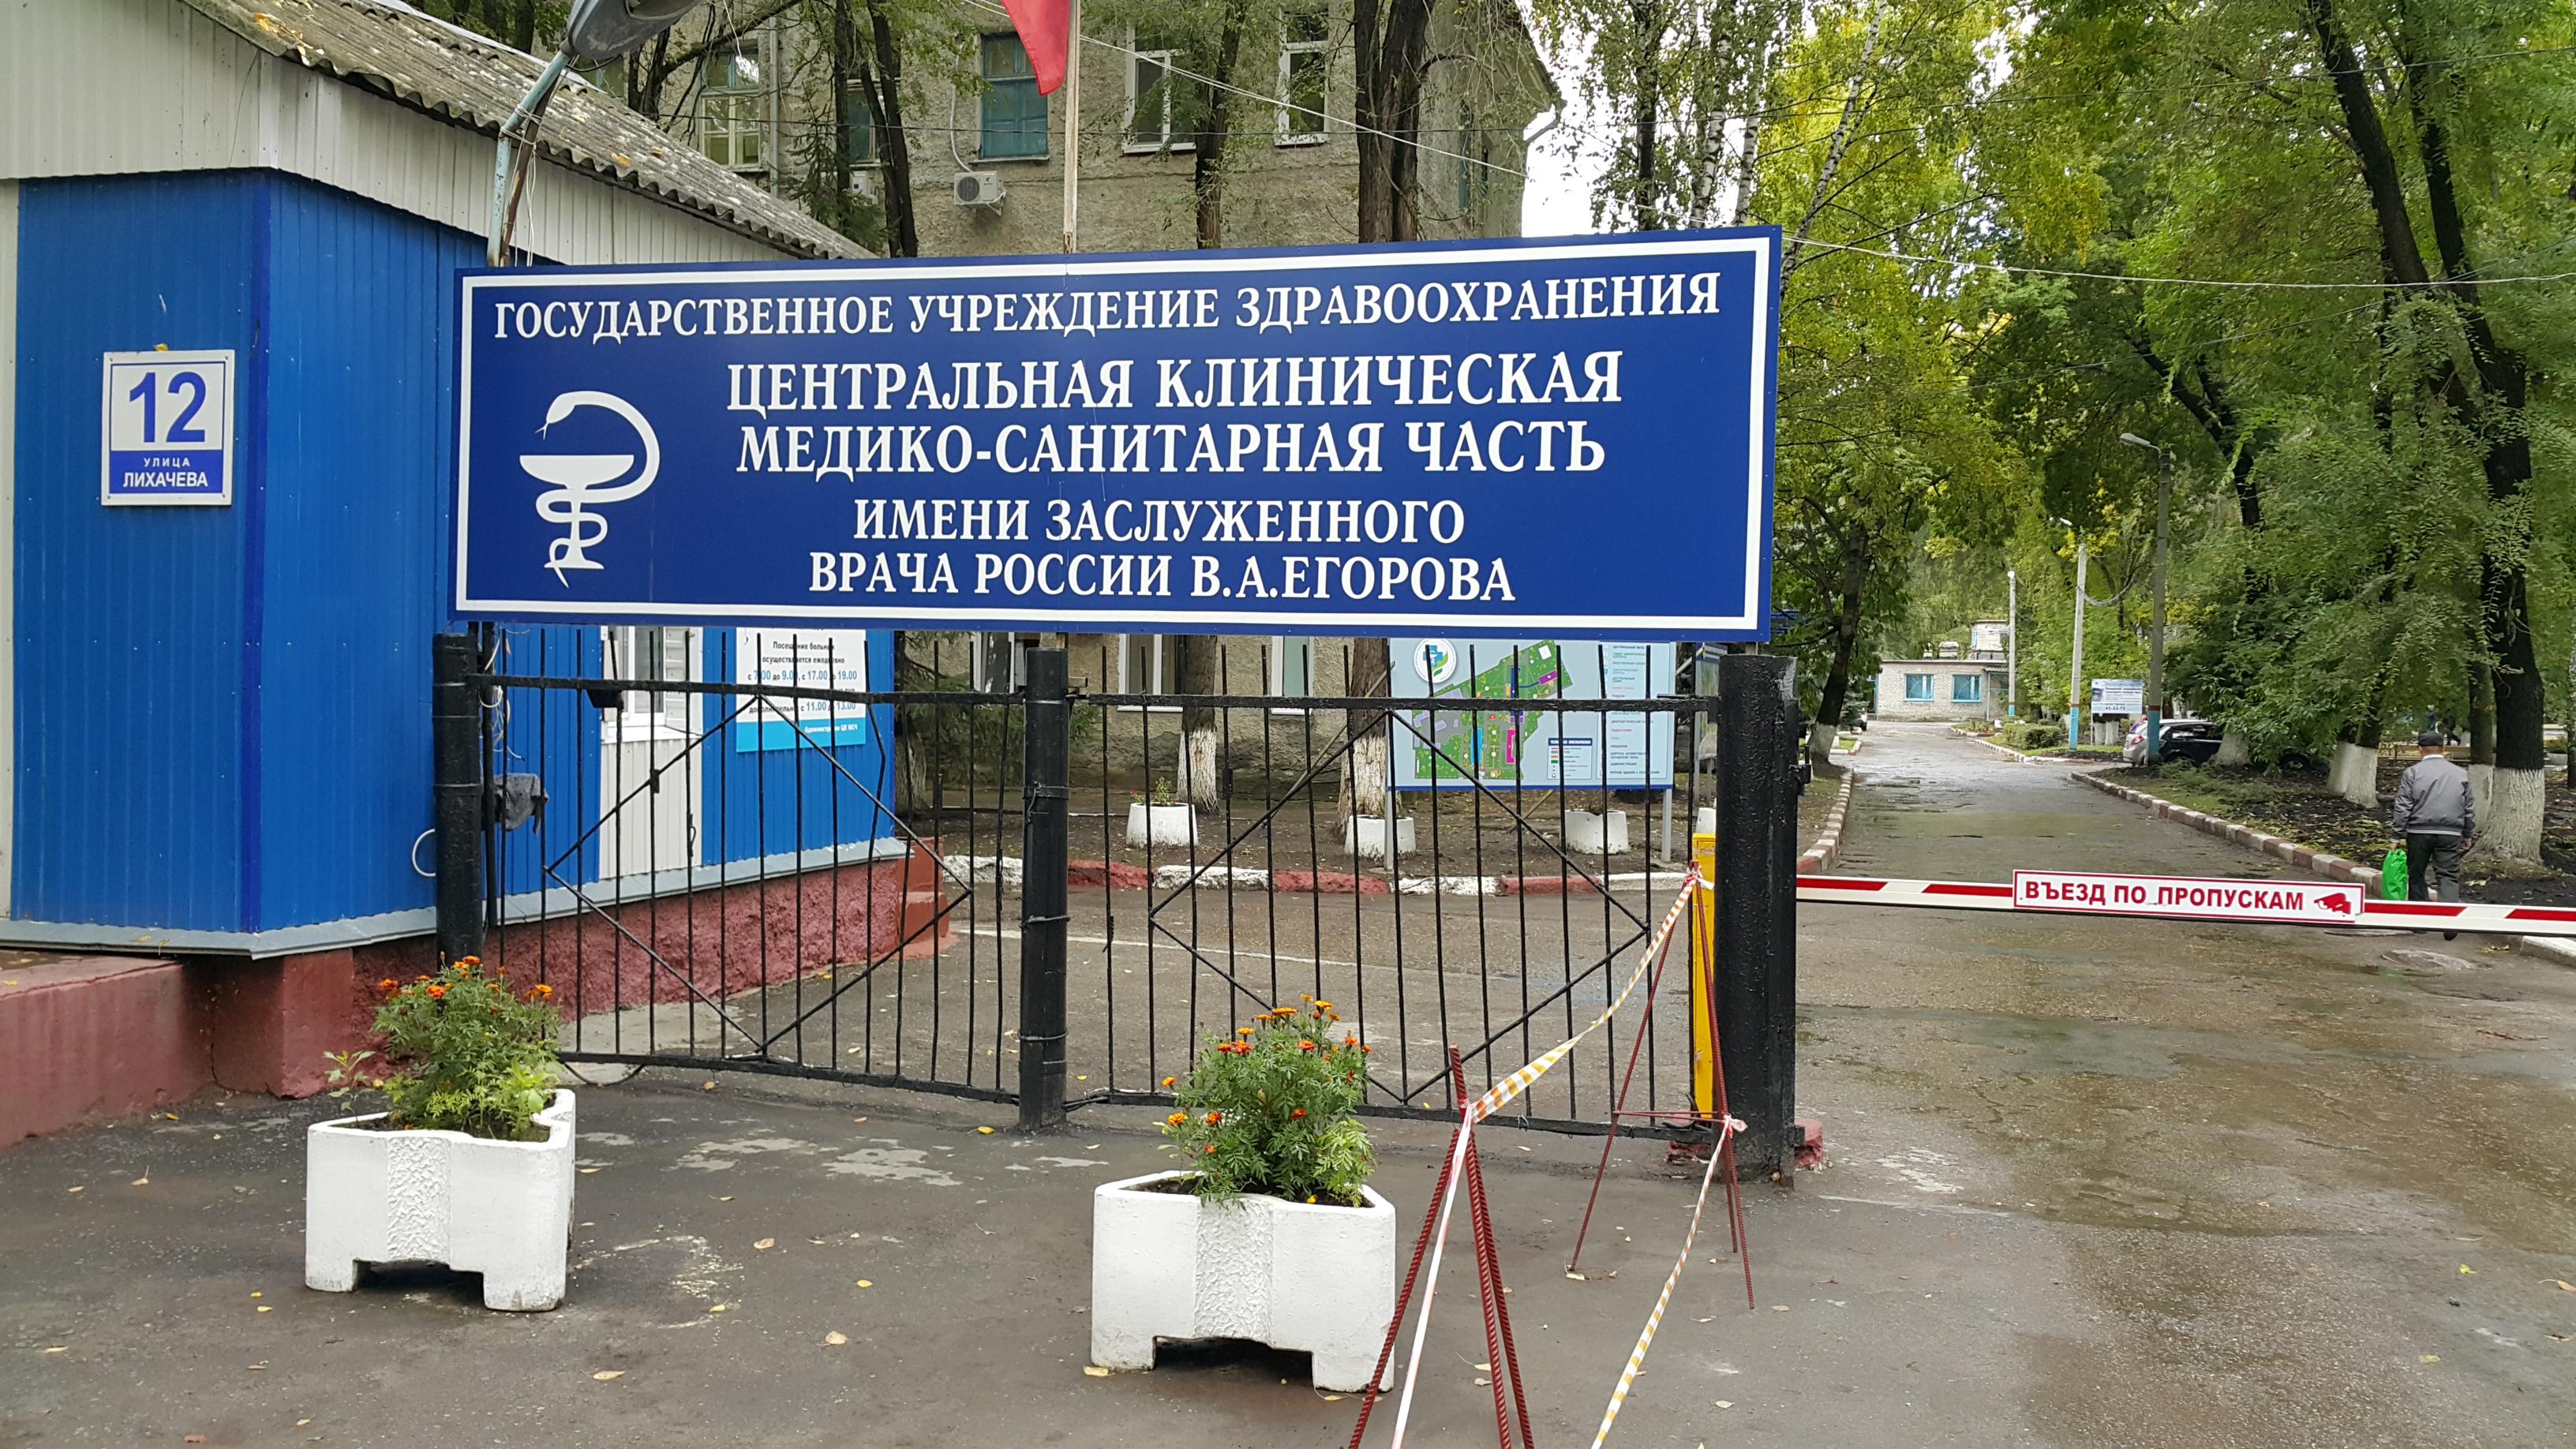 Умерла жительница Ульяновска, которой ввели формалин вместо физраствора